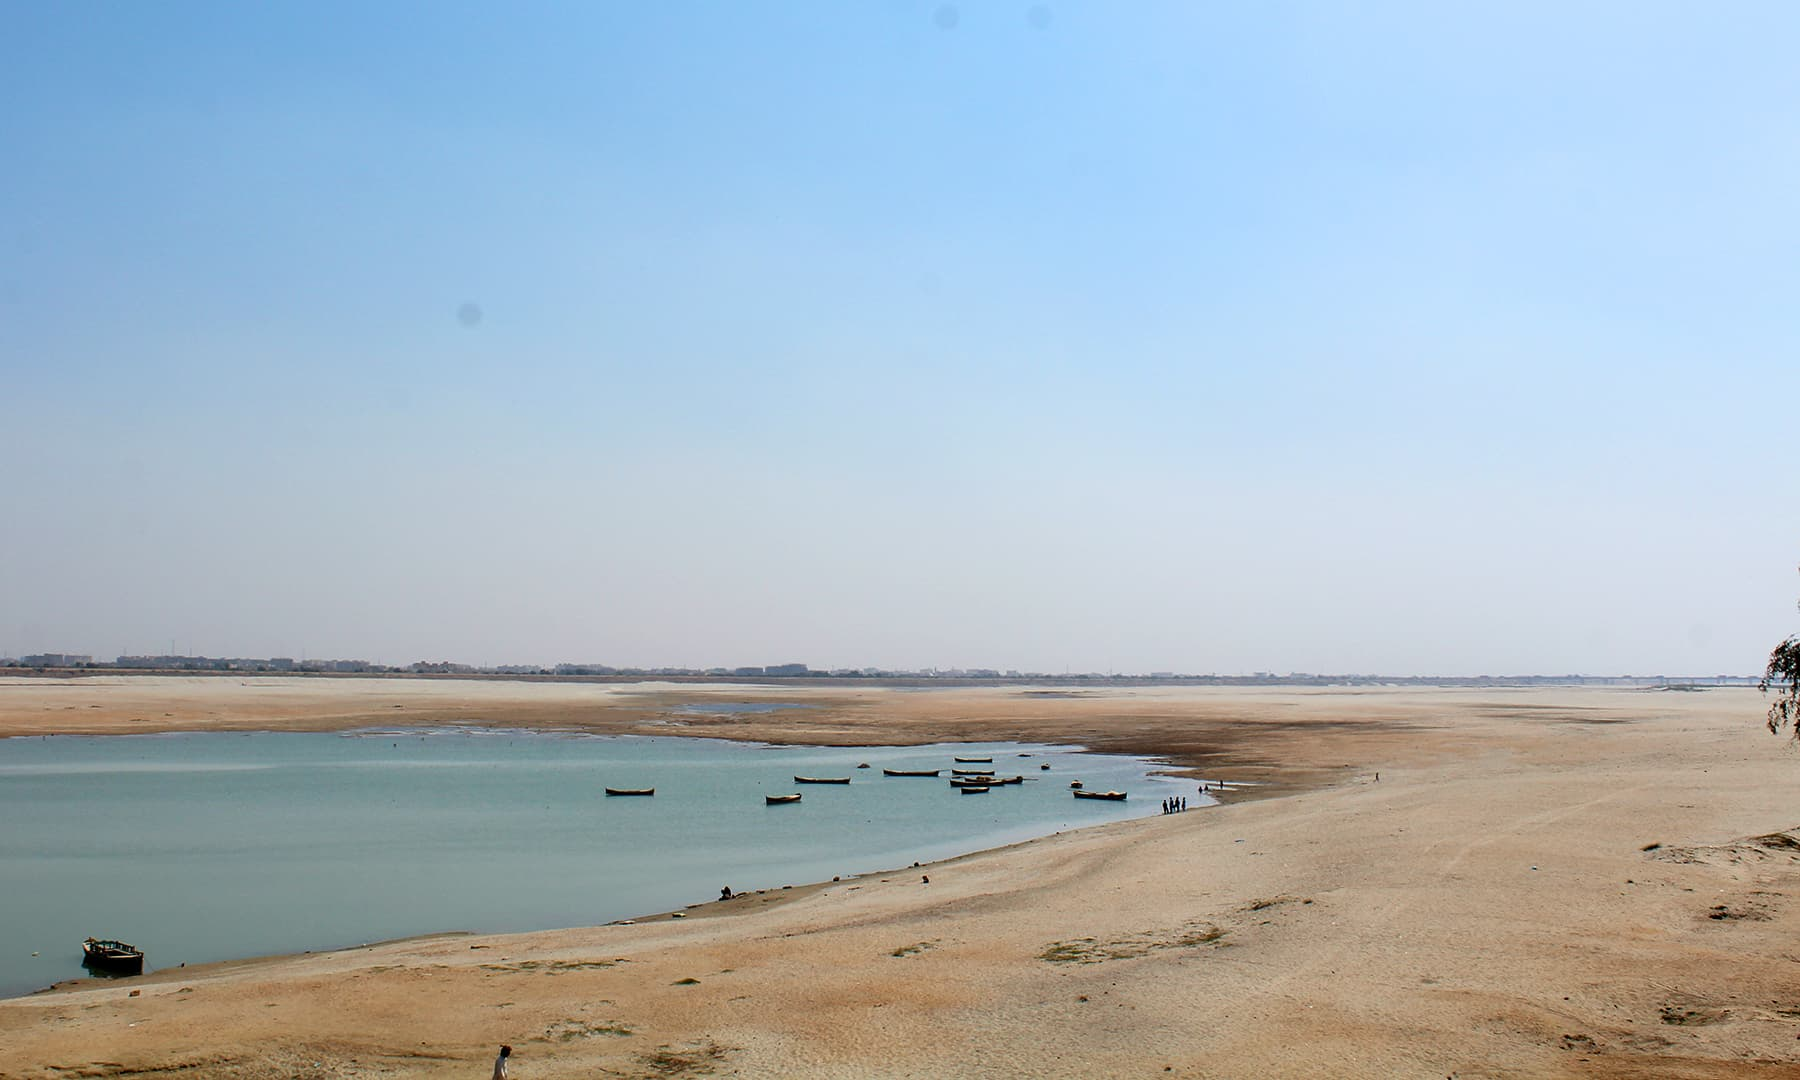 دریائے سندھ میں پانی کی کمی سے انڈس ڈیلٹا کو نقصان پہنچا ہے۔— فوٹو اختر حفیظ